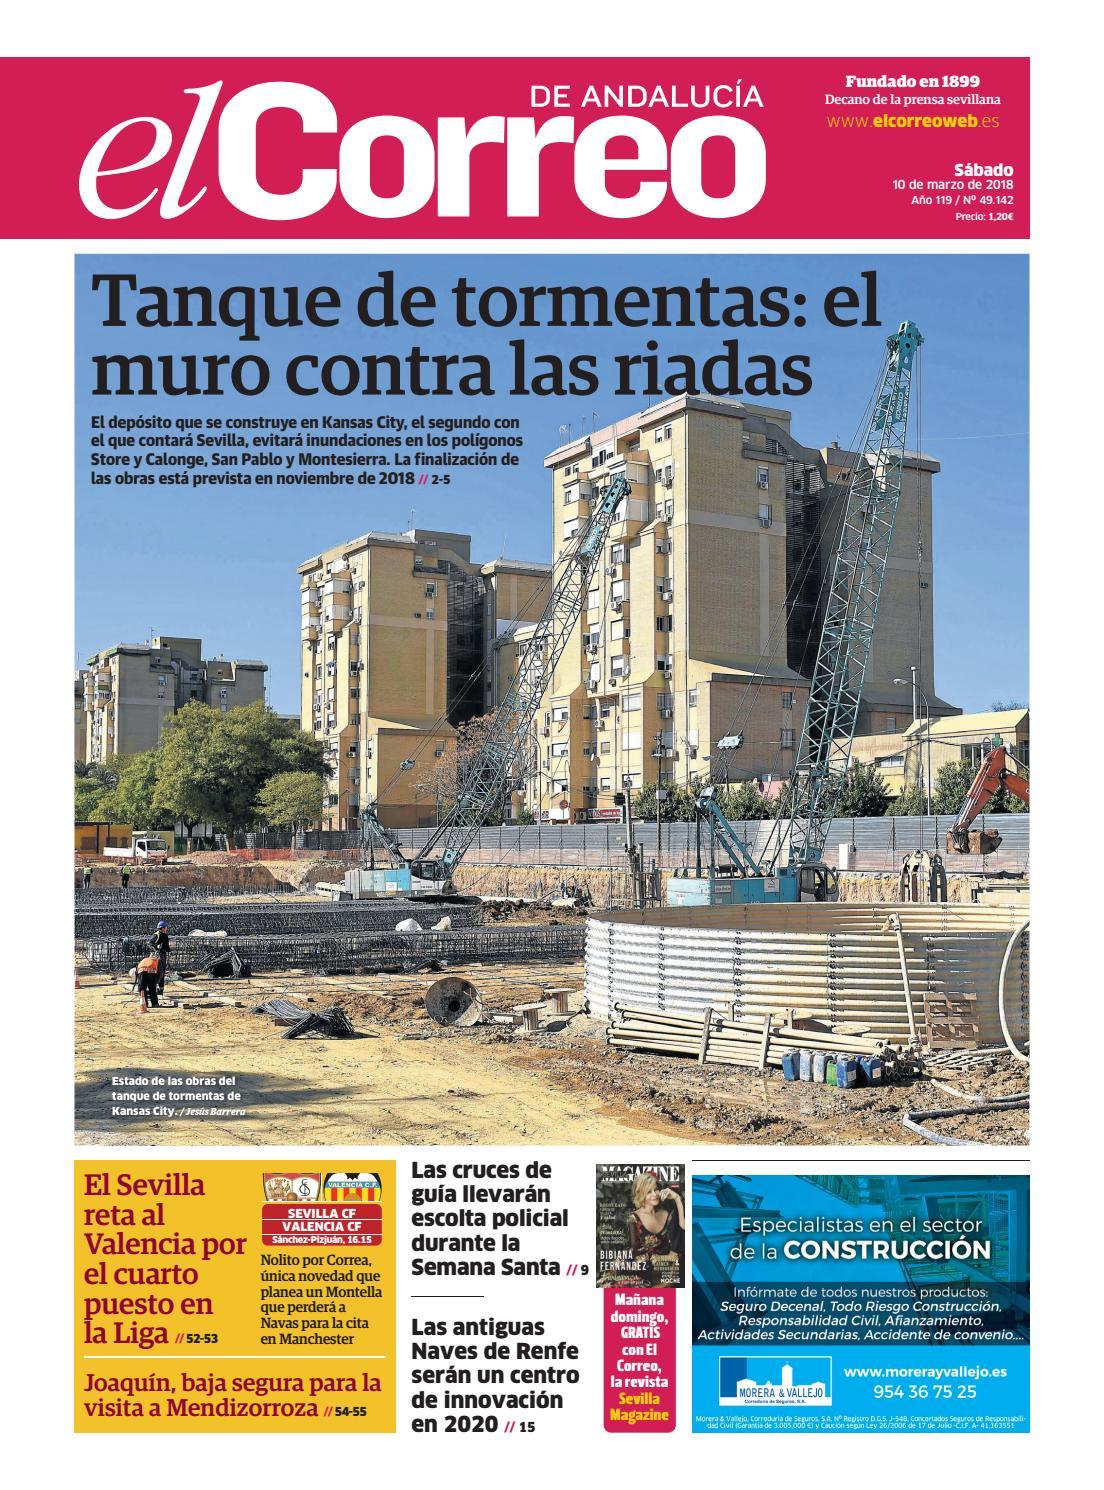 10.03.2018 El Correo de Andalucía by EL CORREO DE ANDALUCÍA S.L. - issuu